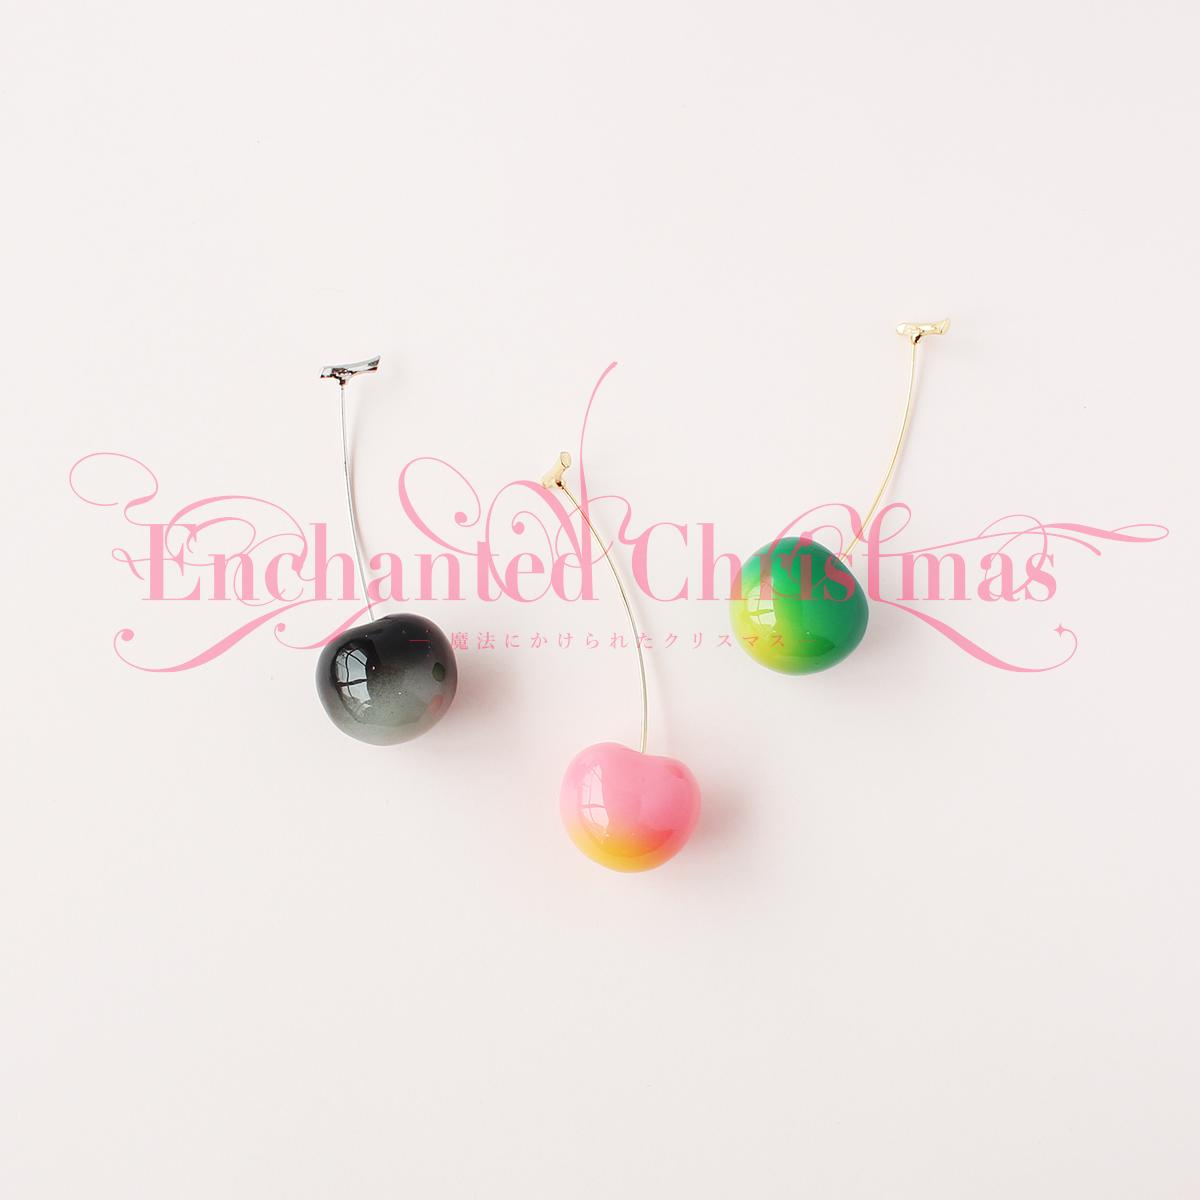 e.m._enchanted christmas_furuits